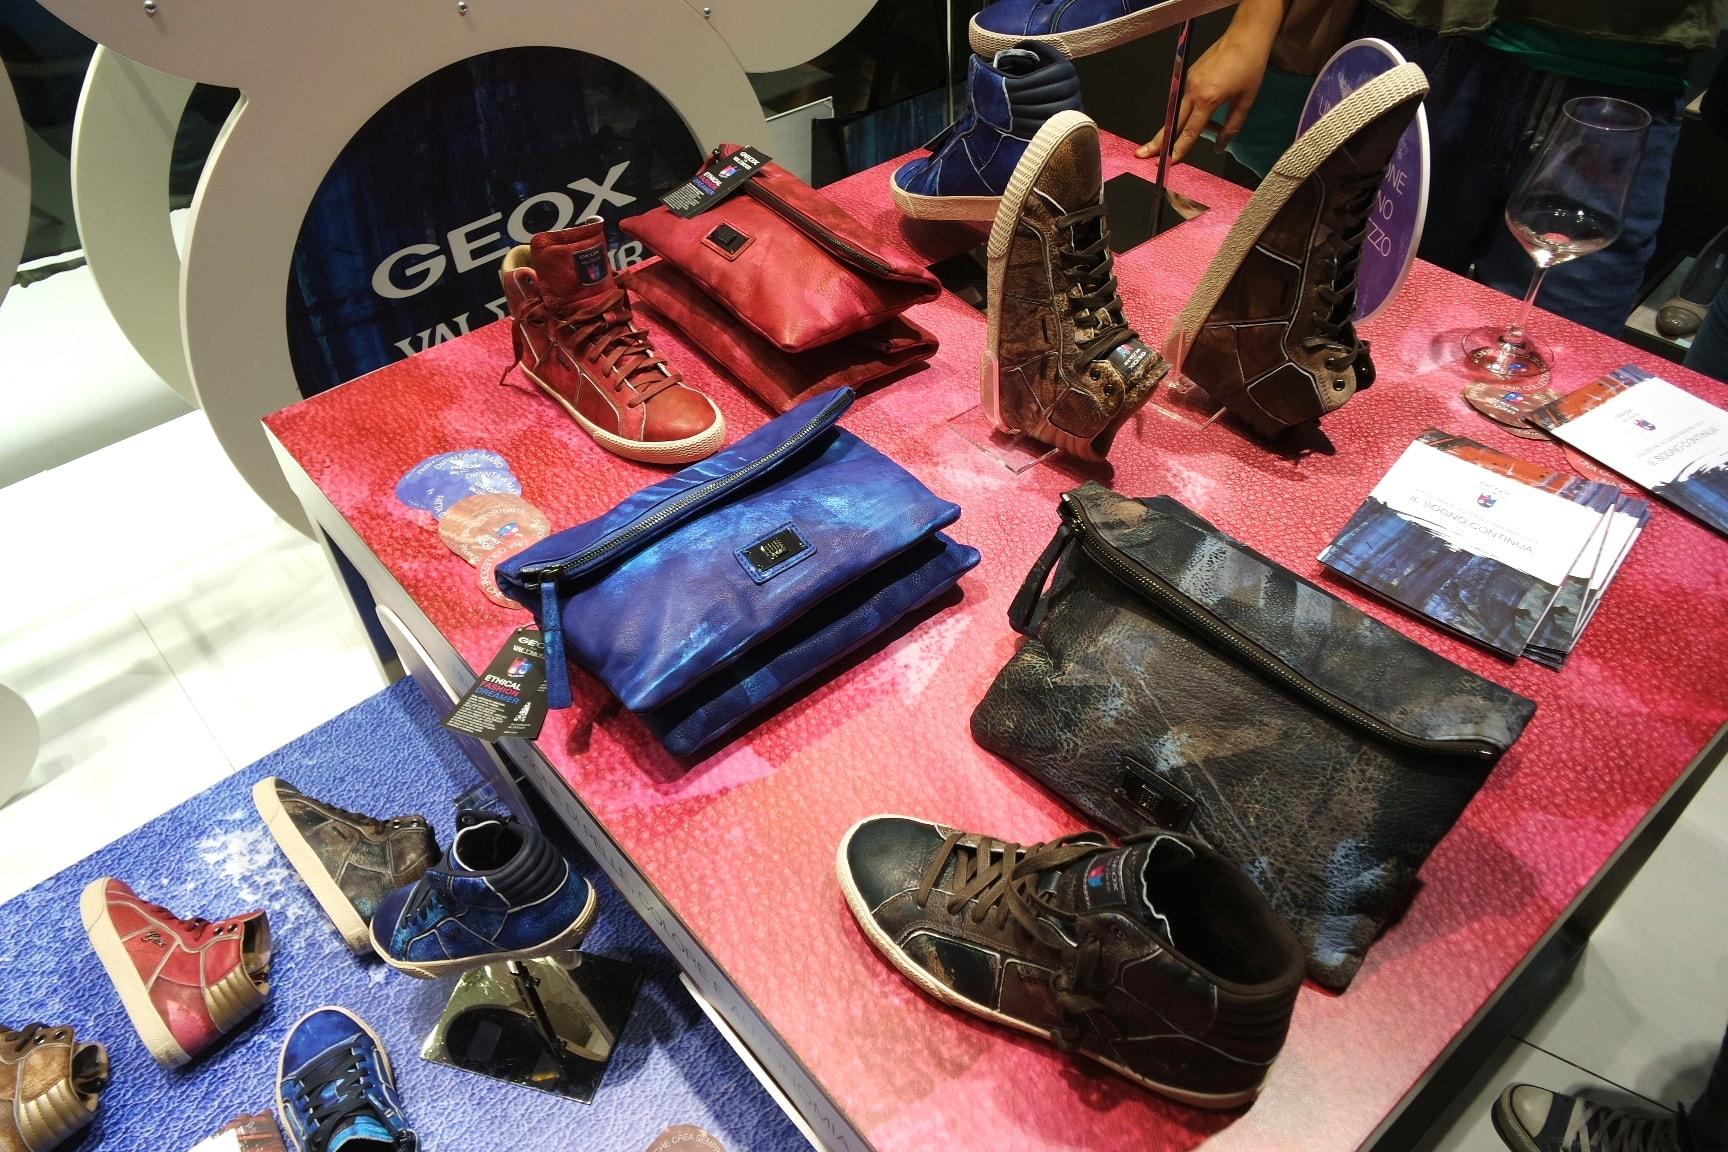 Geox for Valemour, la collezione autunno/inverno 2014-2015